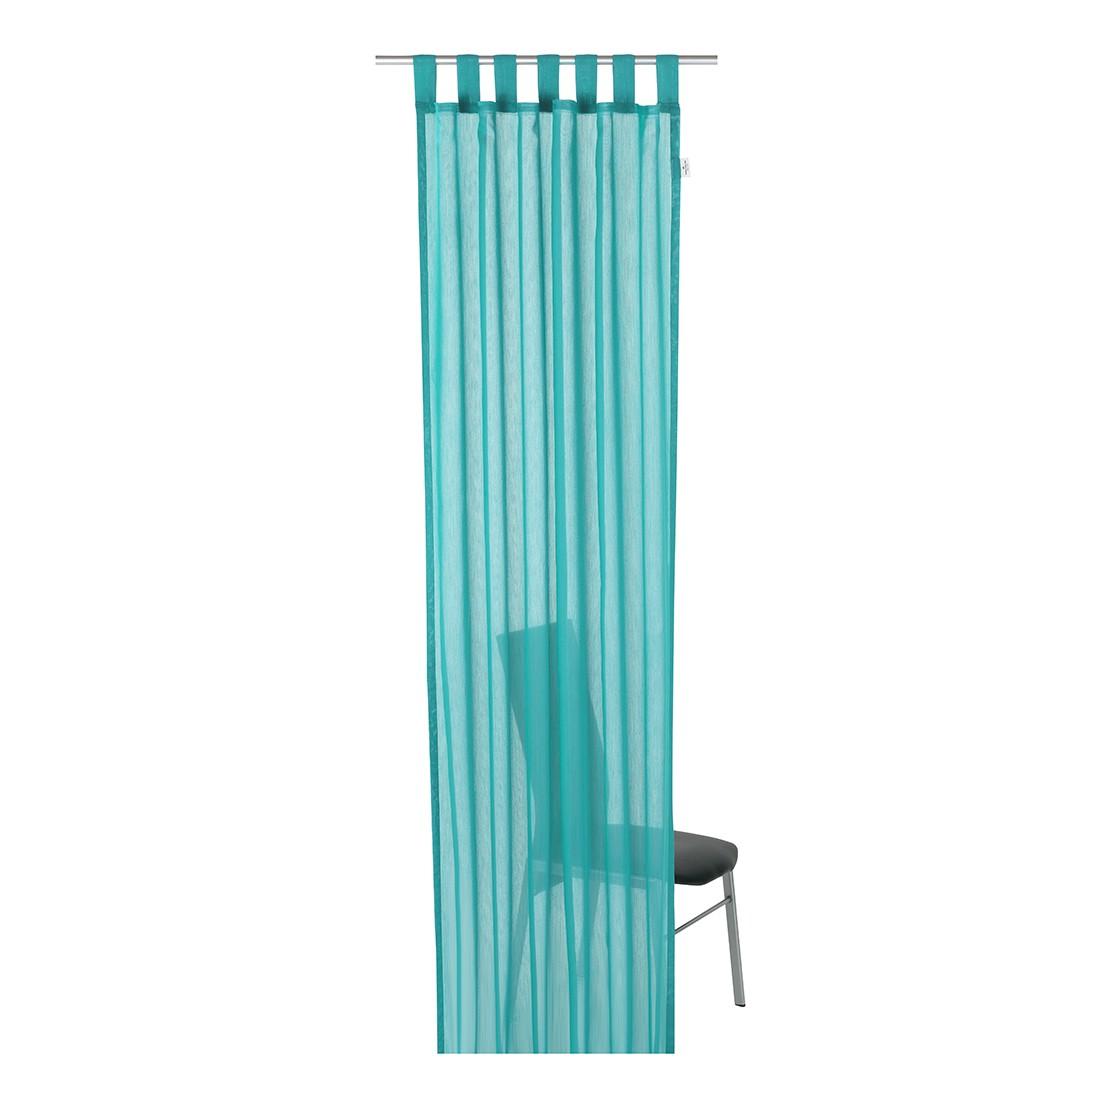 handtuch tom tailor 2er set t rkis g stehandtuch tom. Black Bedroom Furniture Sets. Home Design Ideas